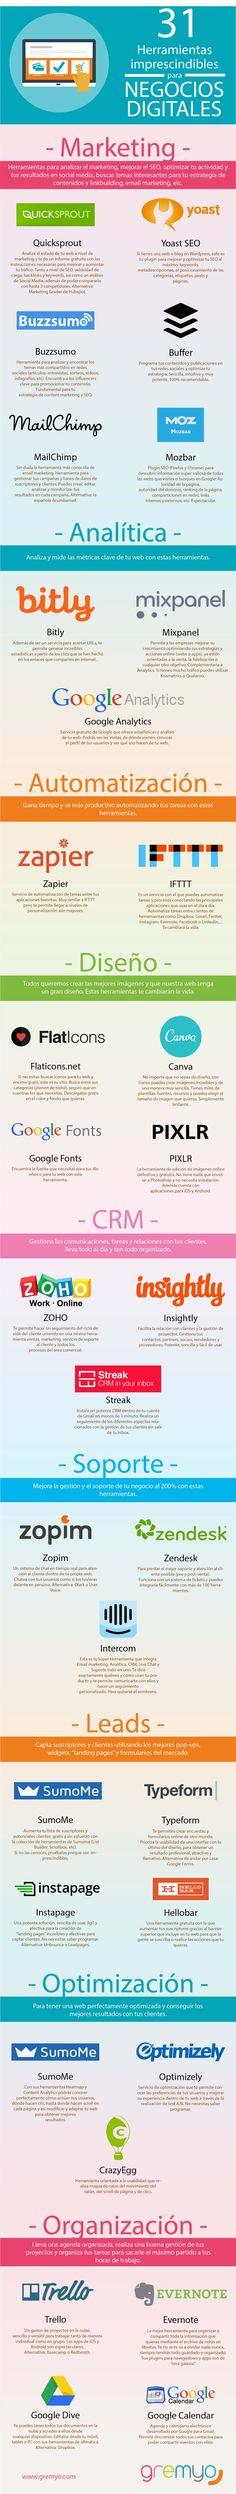 31 Herramientas Imprescindibles para Negocios Digitales | Gremyo.com